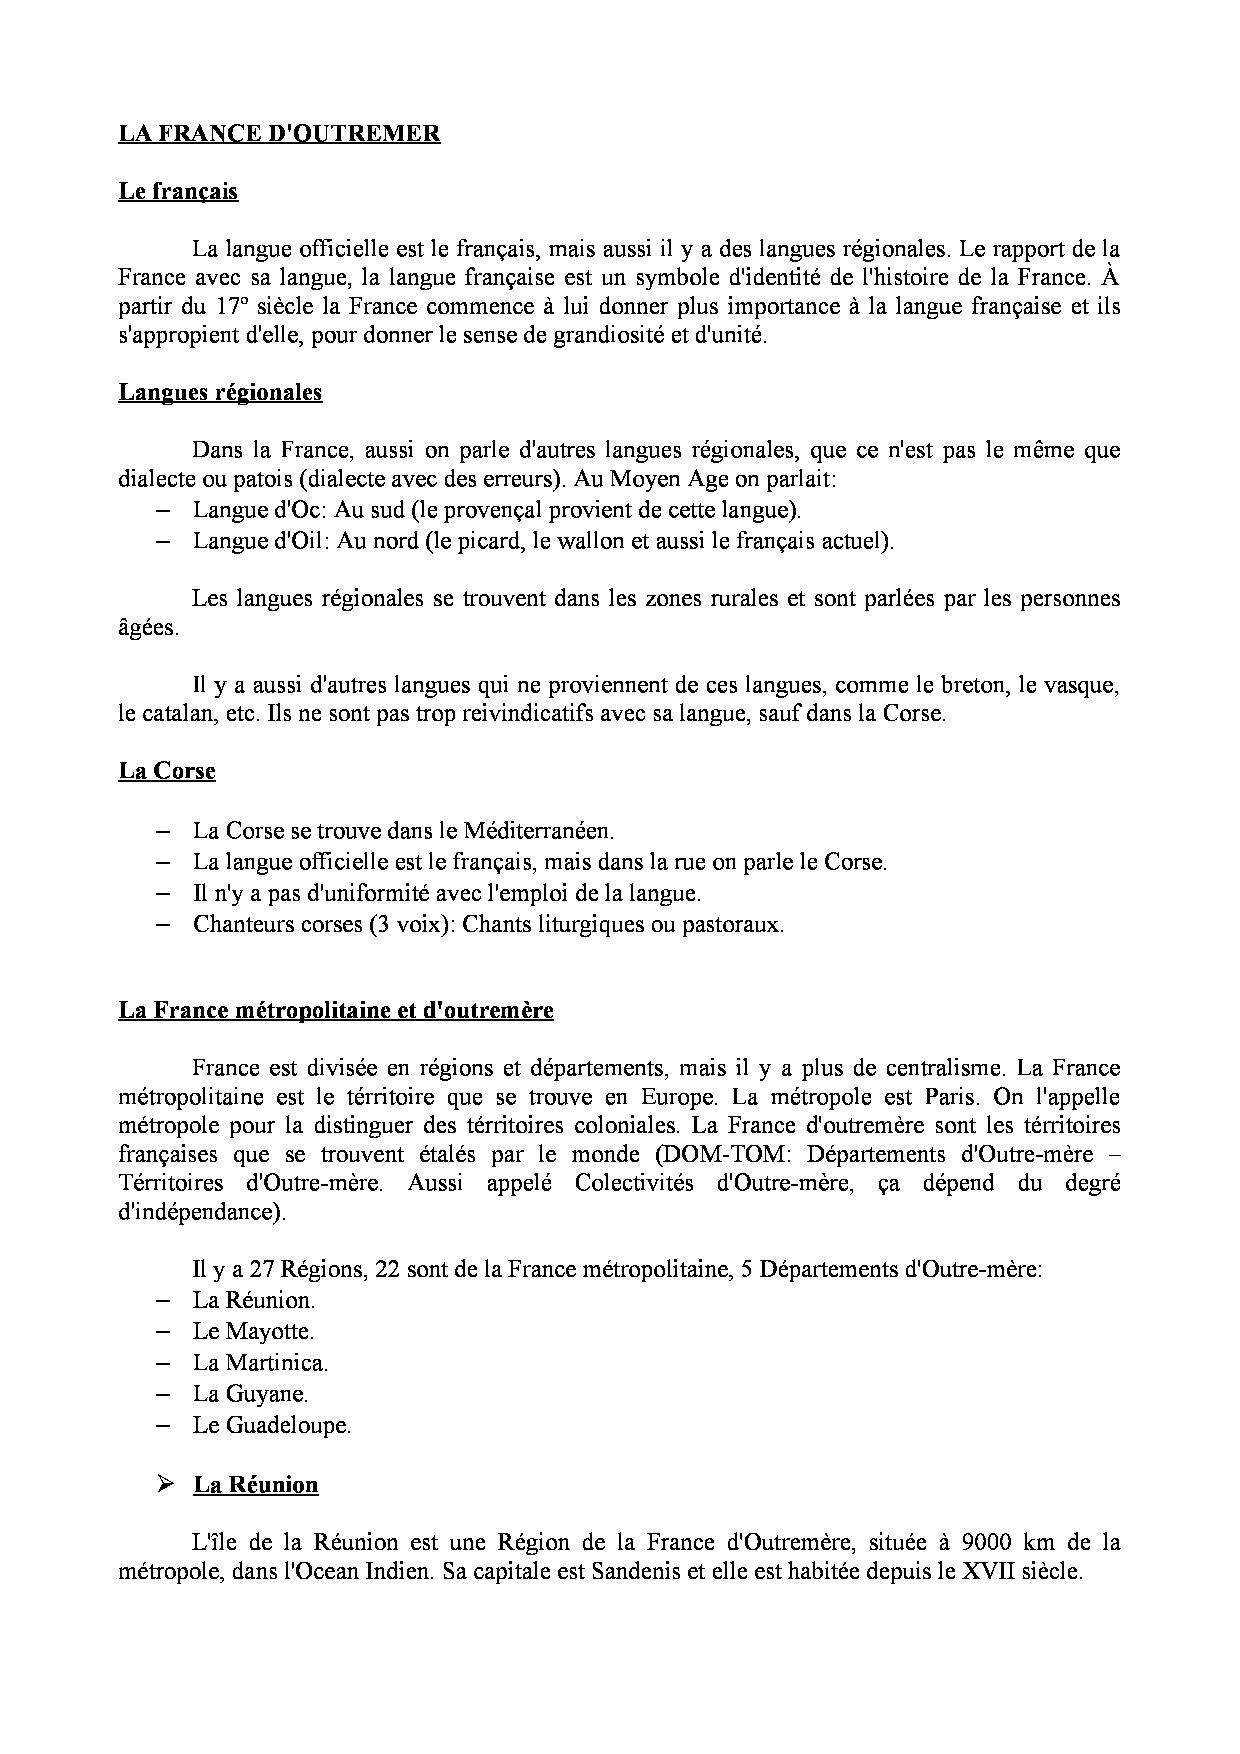 La France D'outremer - Apuntes De Idioma Francés - Docsity pour France Territoires D Outre Mer